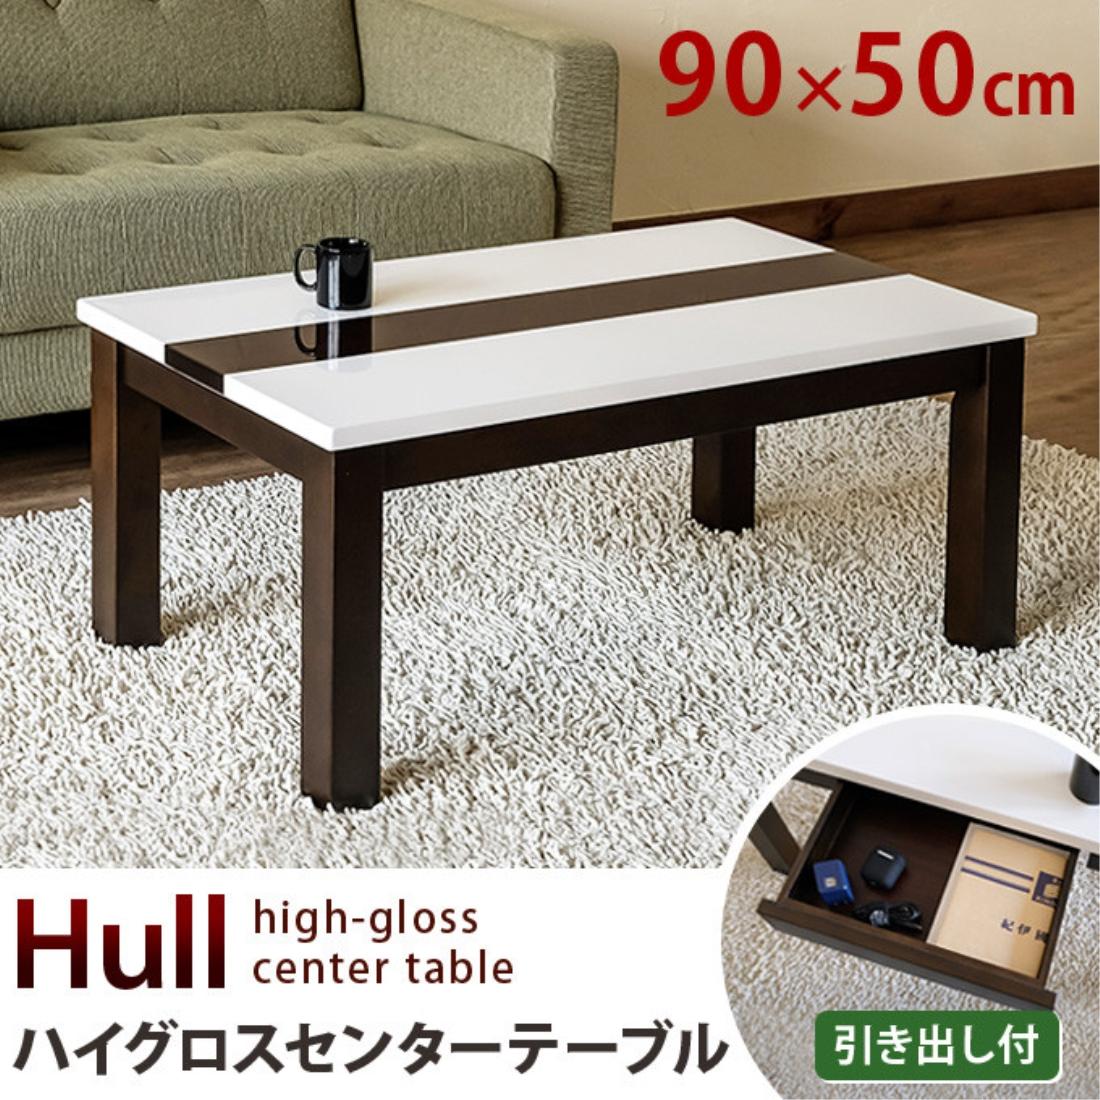 インテリア 家具 机 テーブル 【引出し付】Hull ハイグロスセンターテーブル 90×50